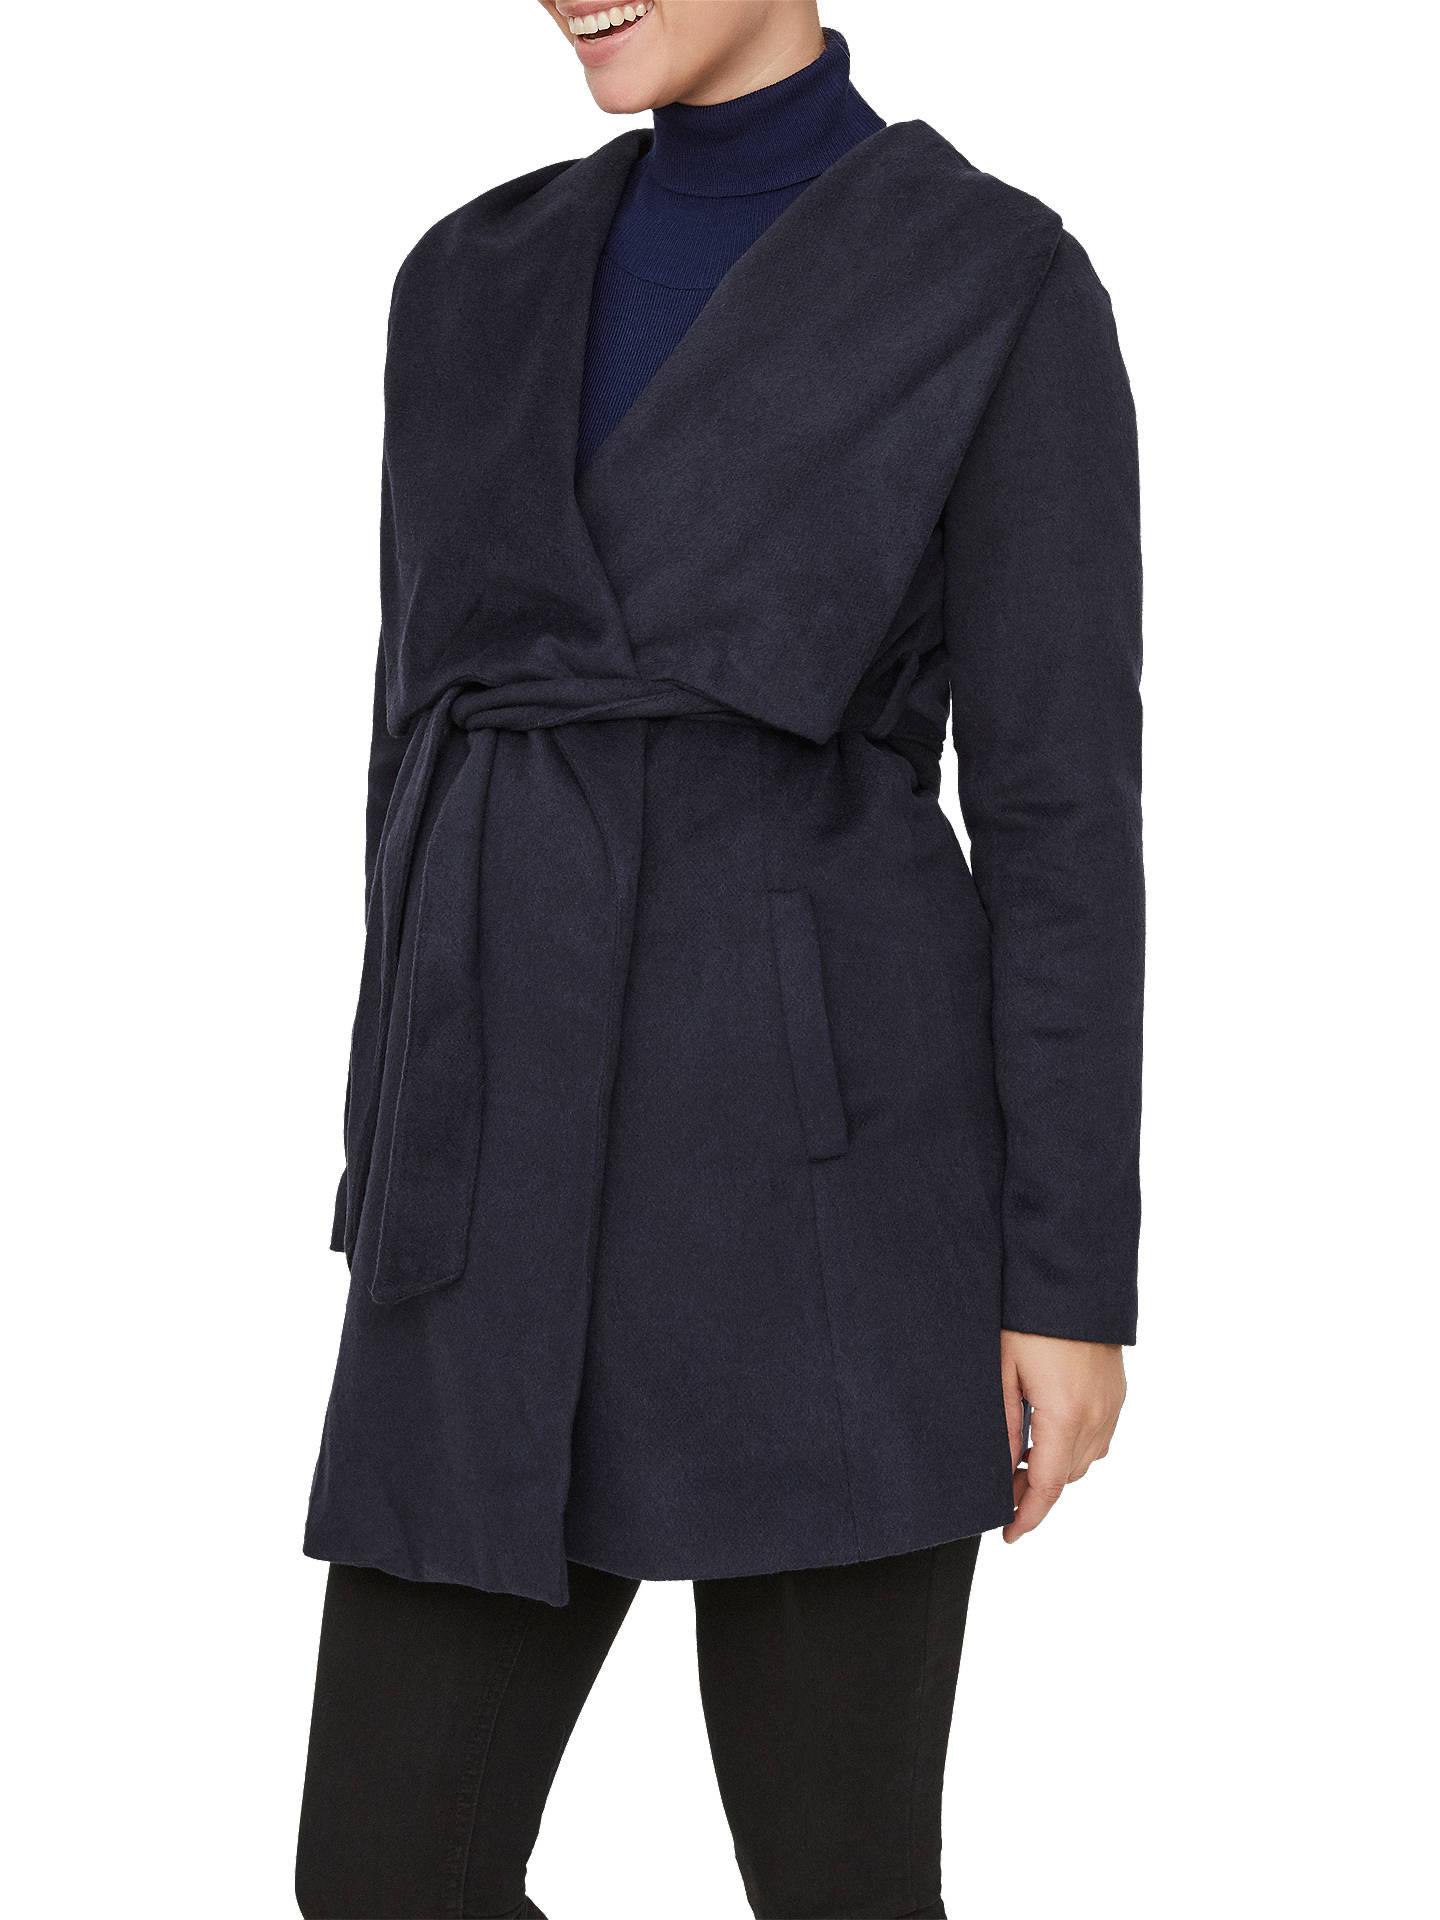 fcef5f024 ... Buy Mamalicious Roya Maternity Coat